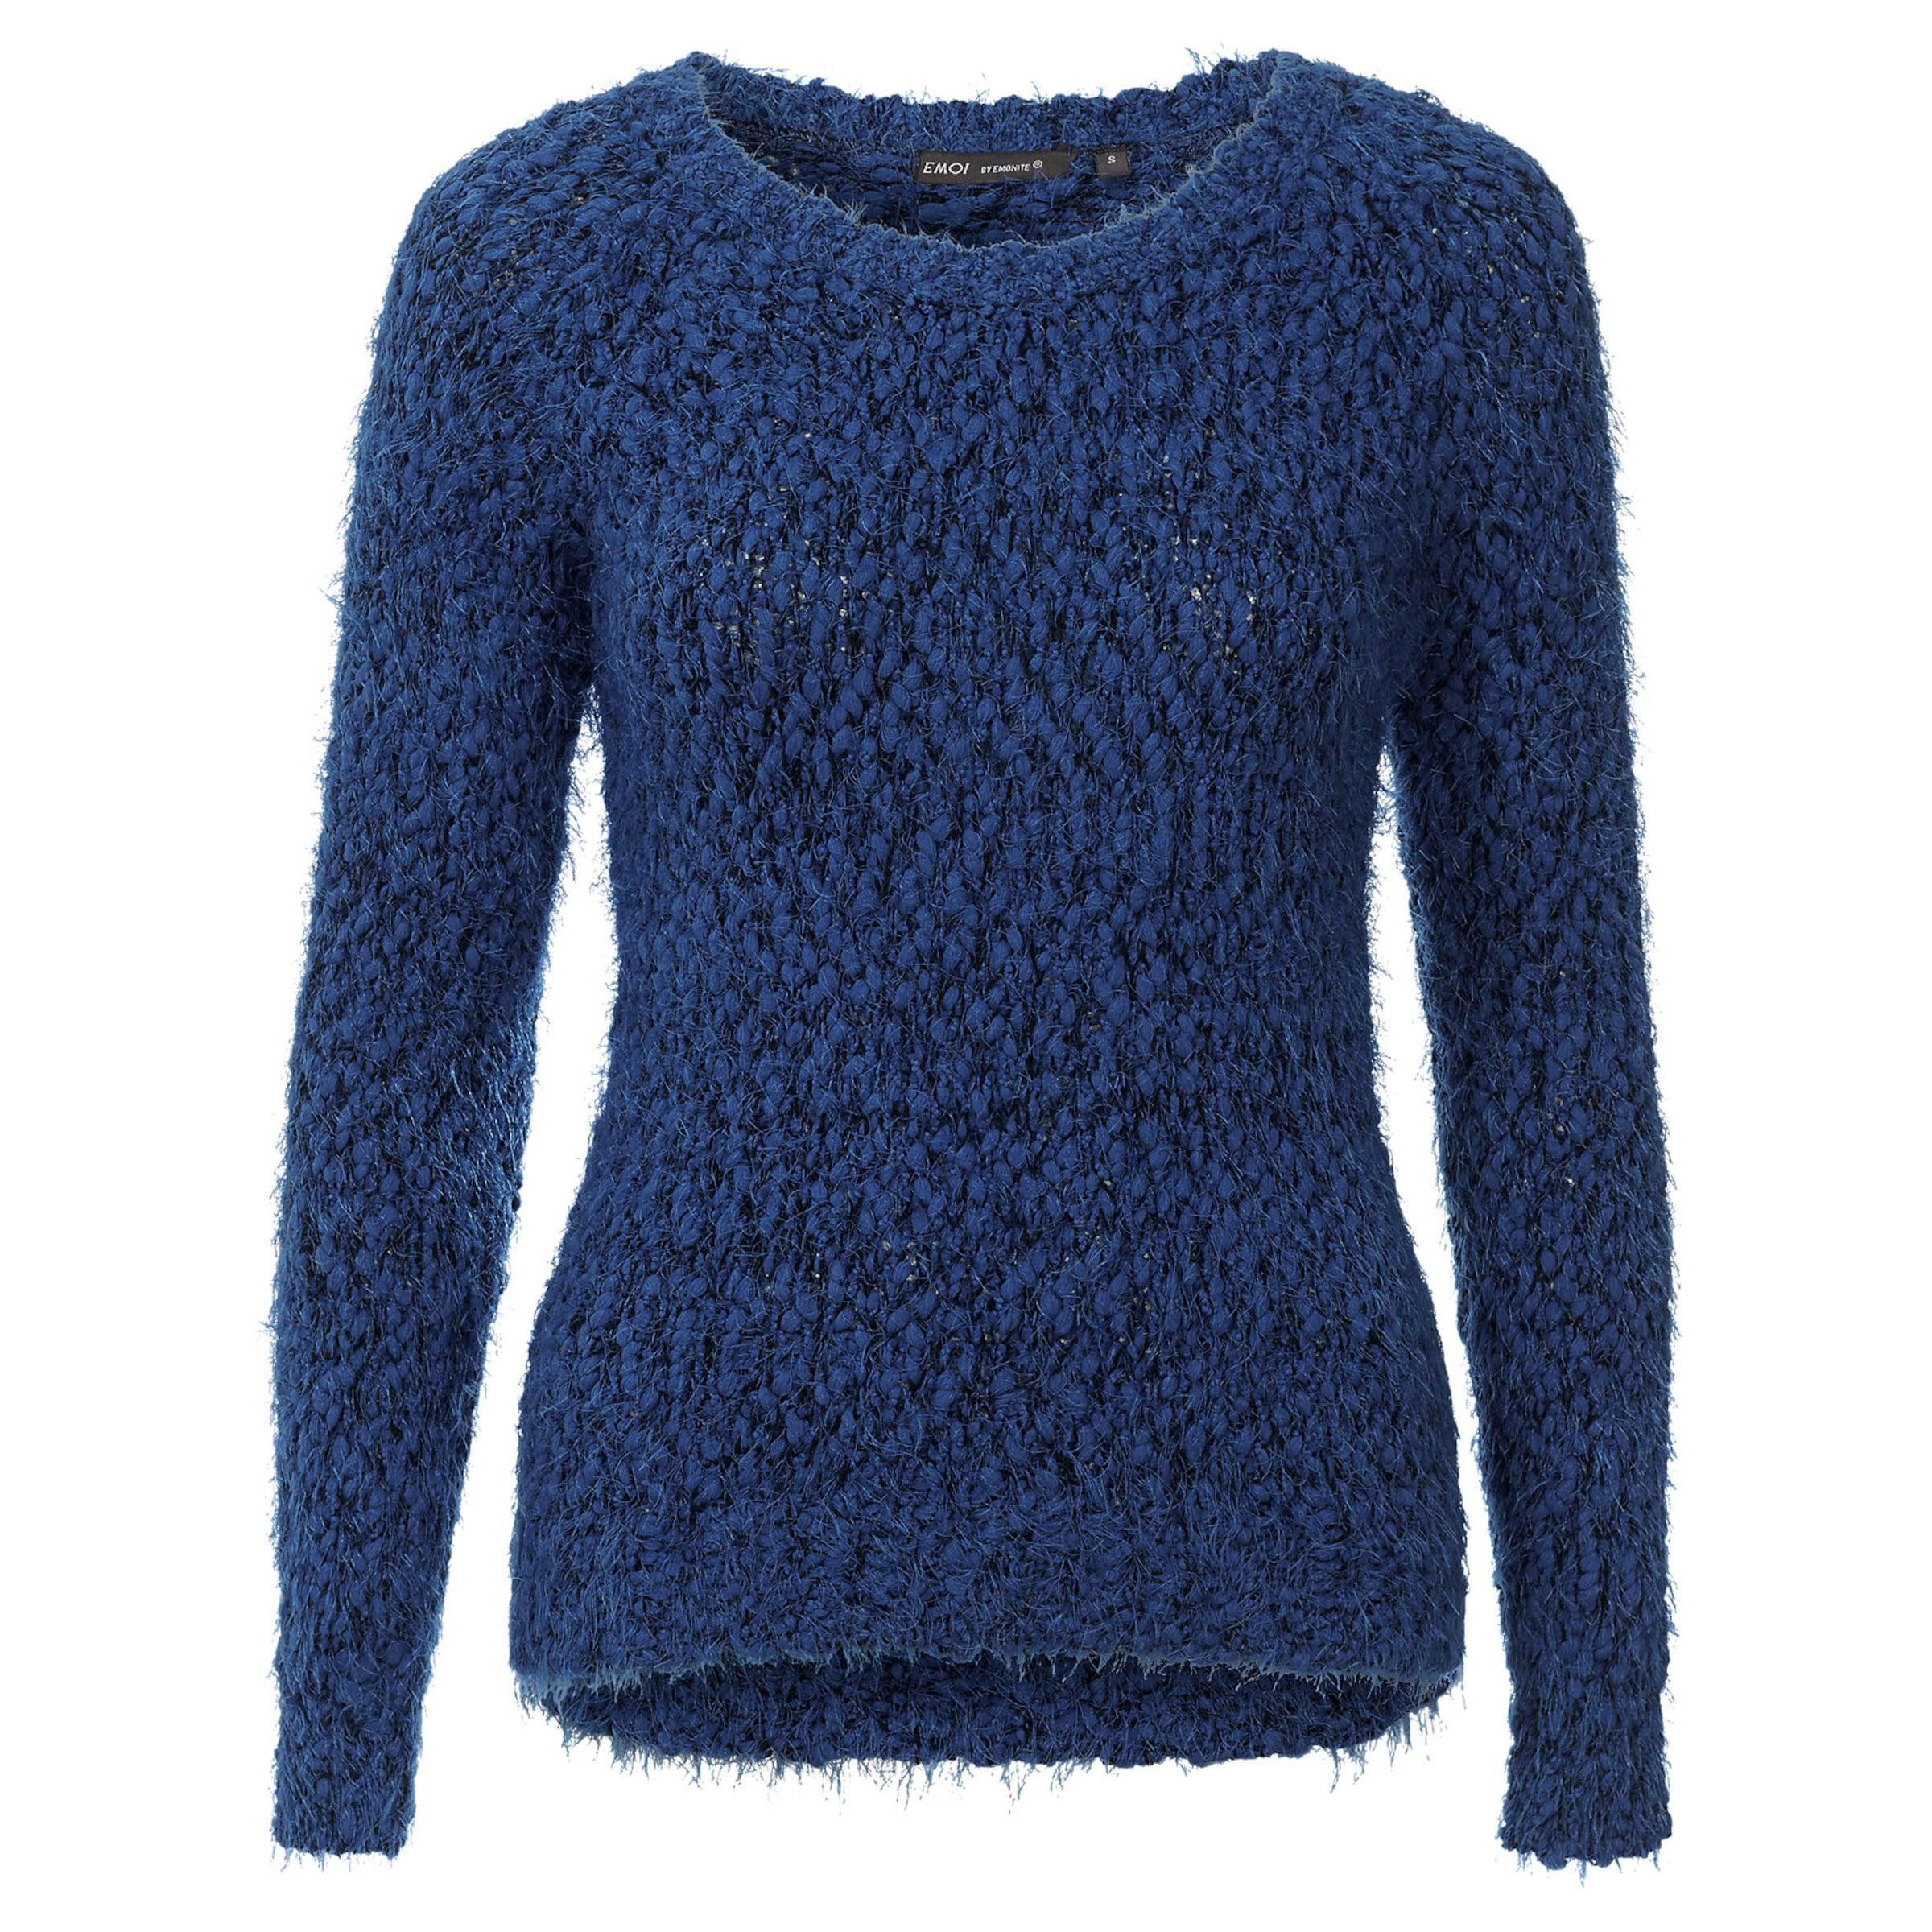 Emoi In In Blau Pullover Emoi Pullover wlkZuXOPTi